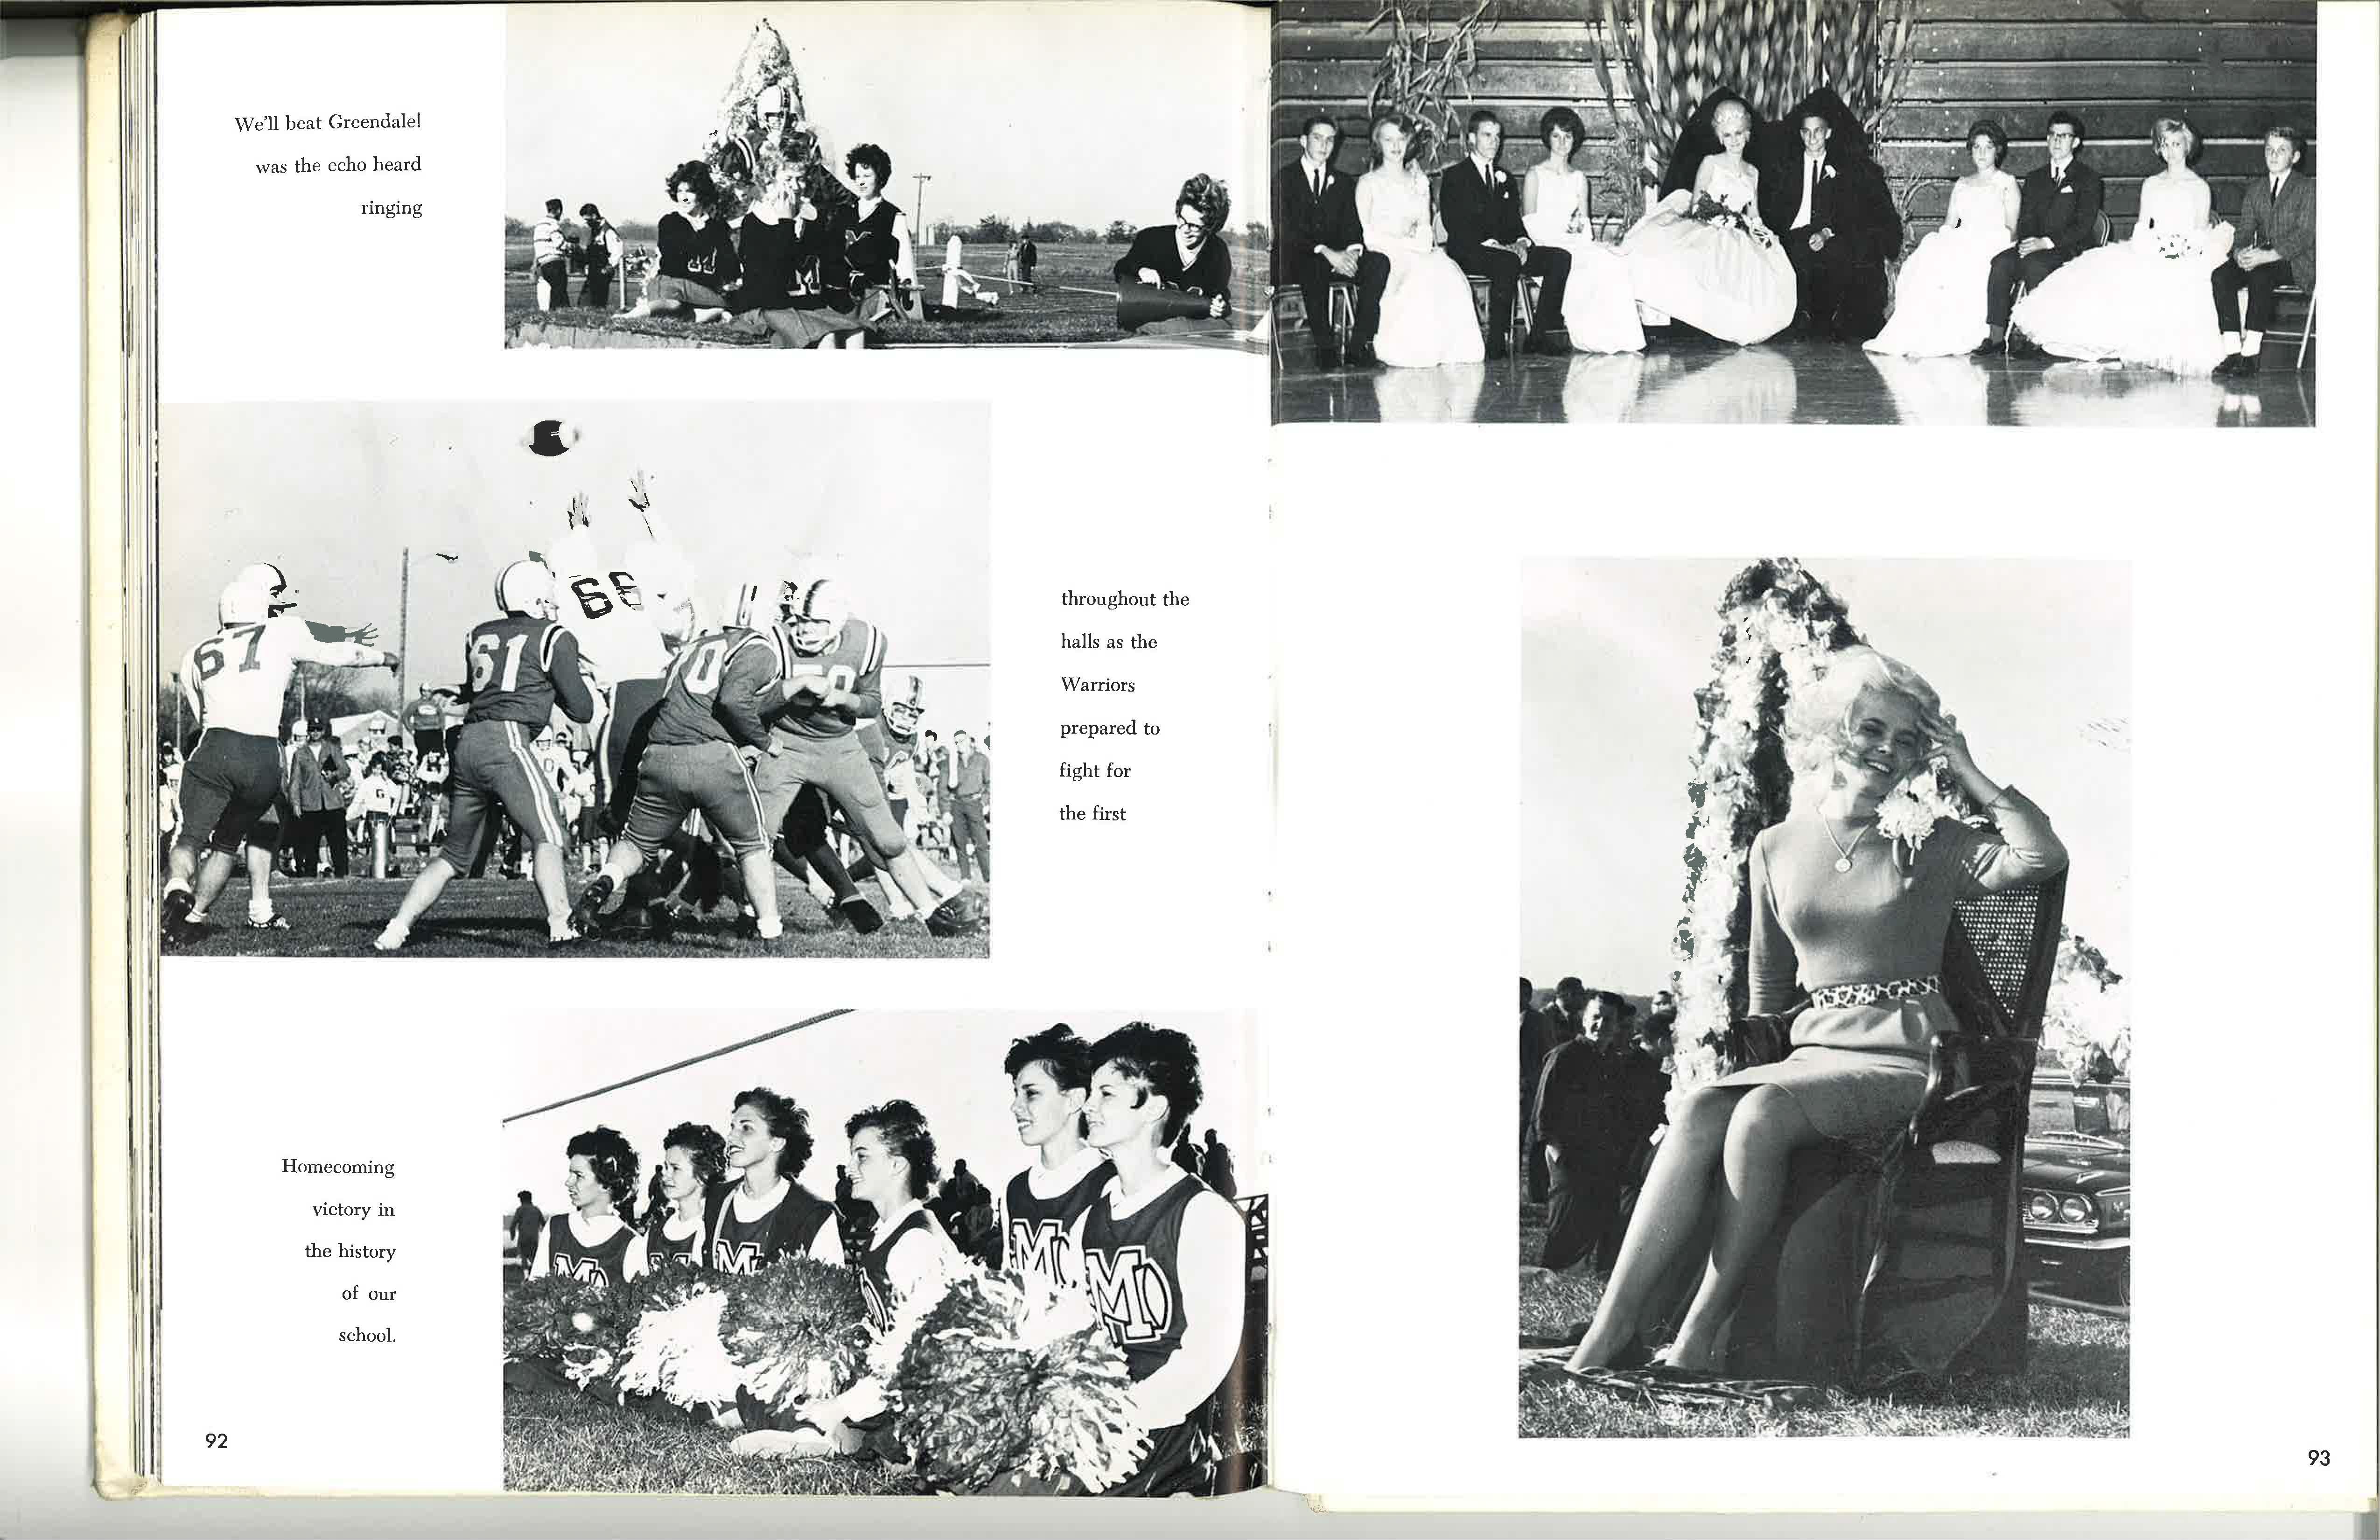 1964_Yearbook_Activities_92-93.jpg